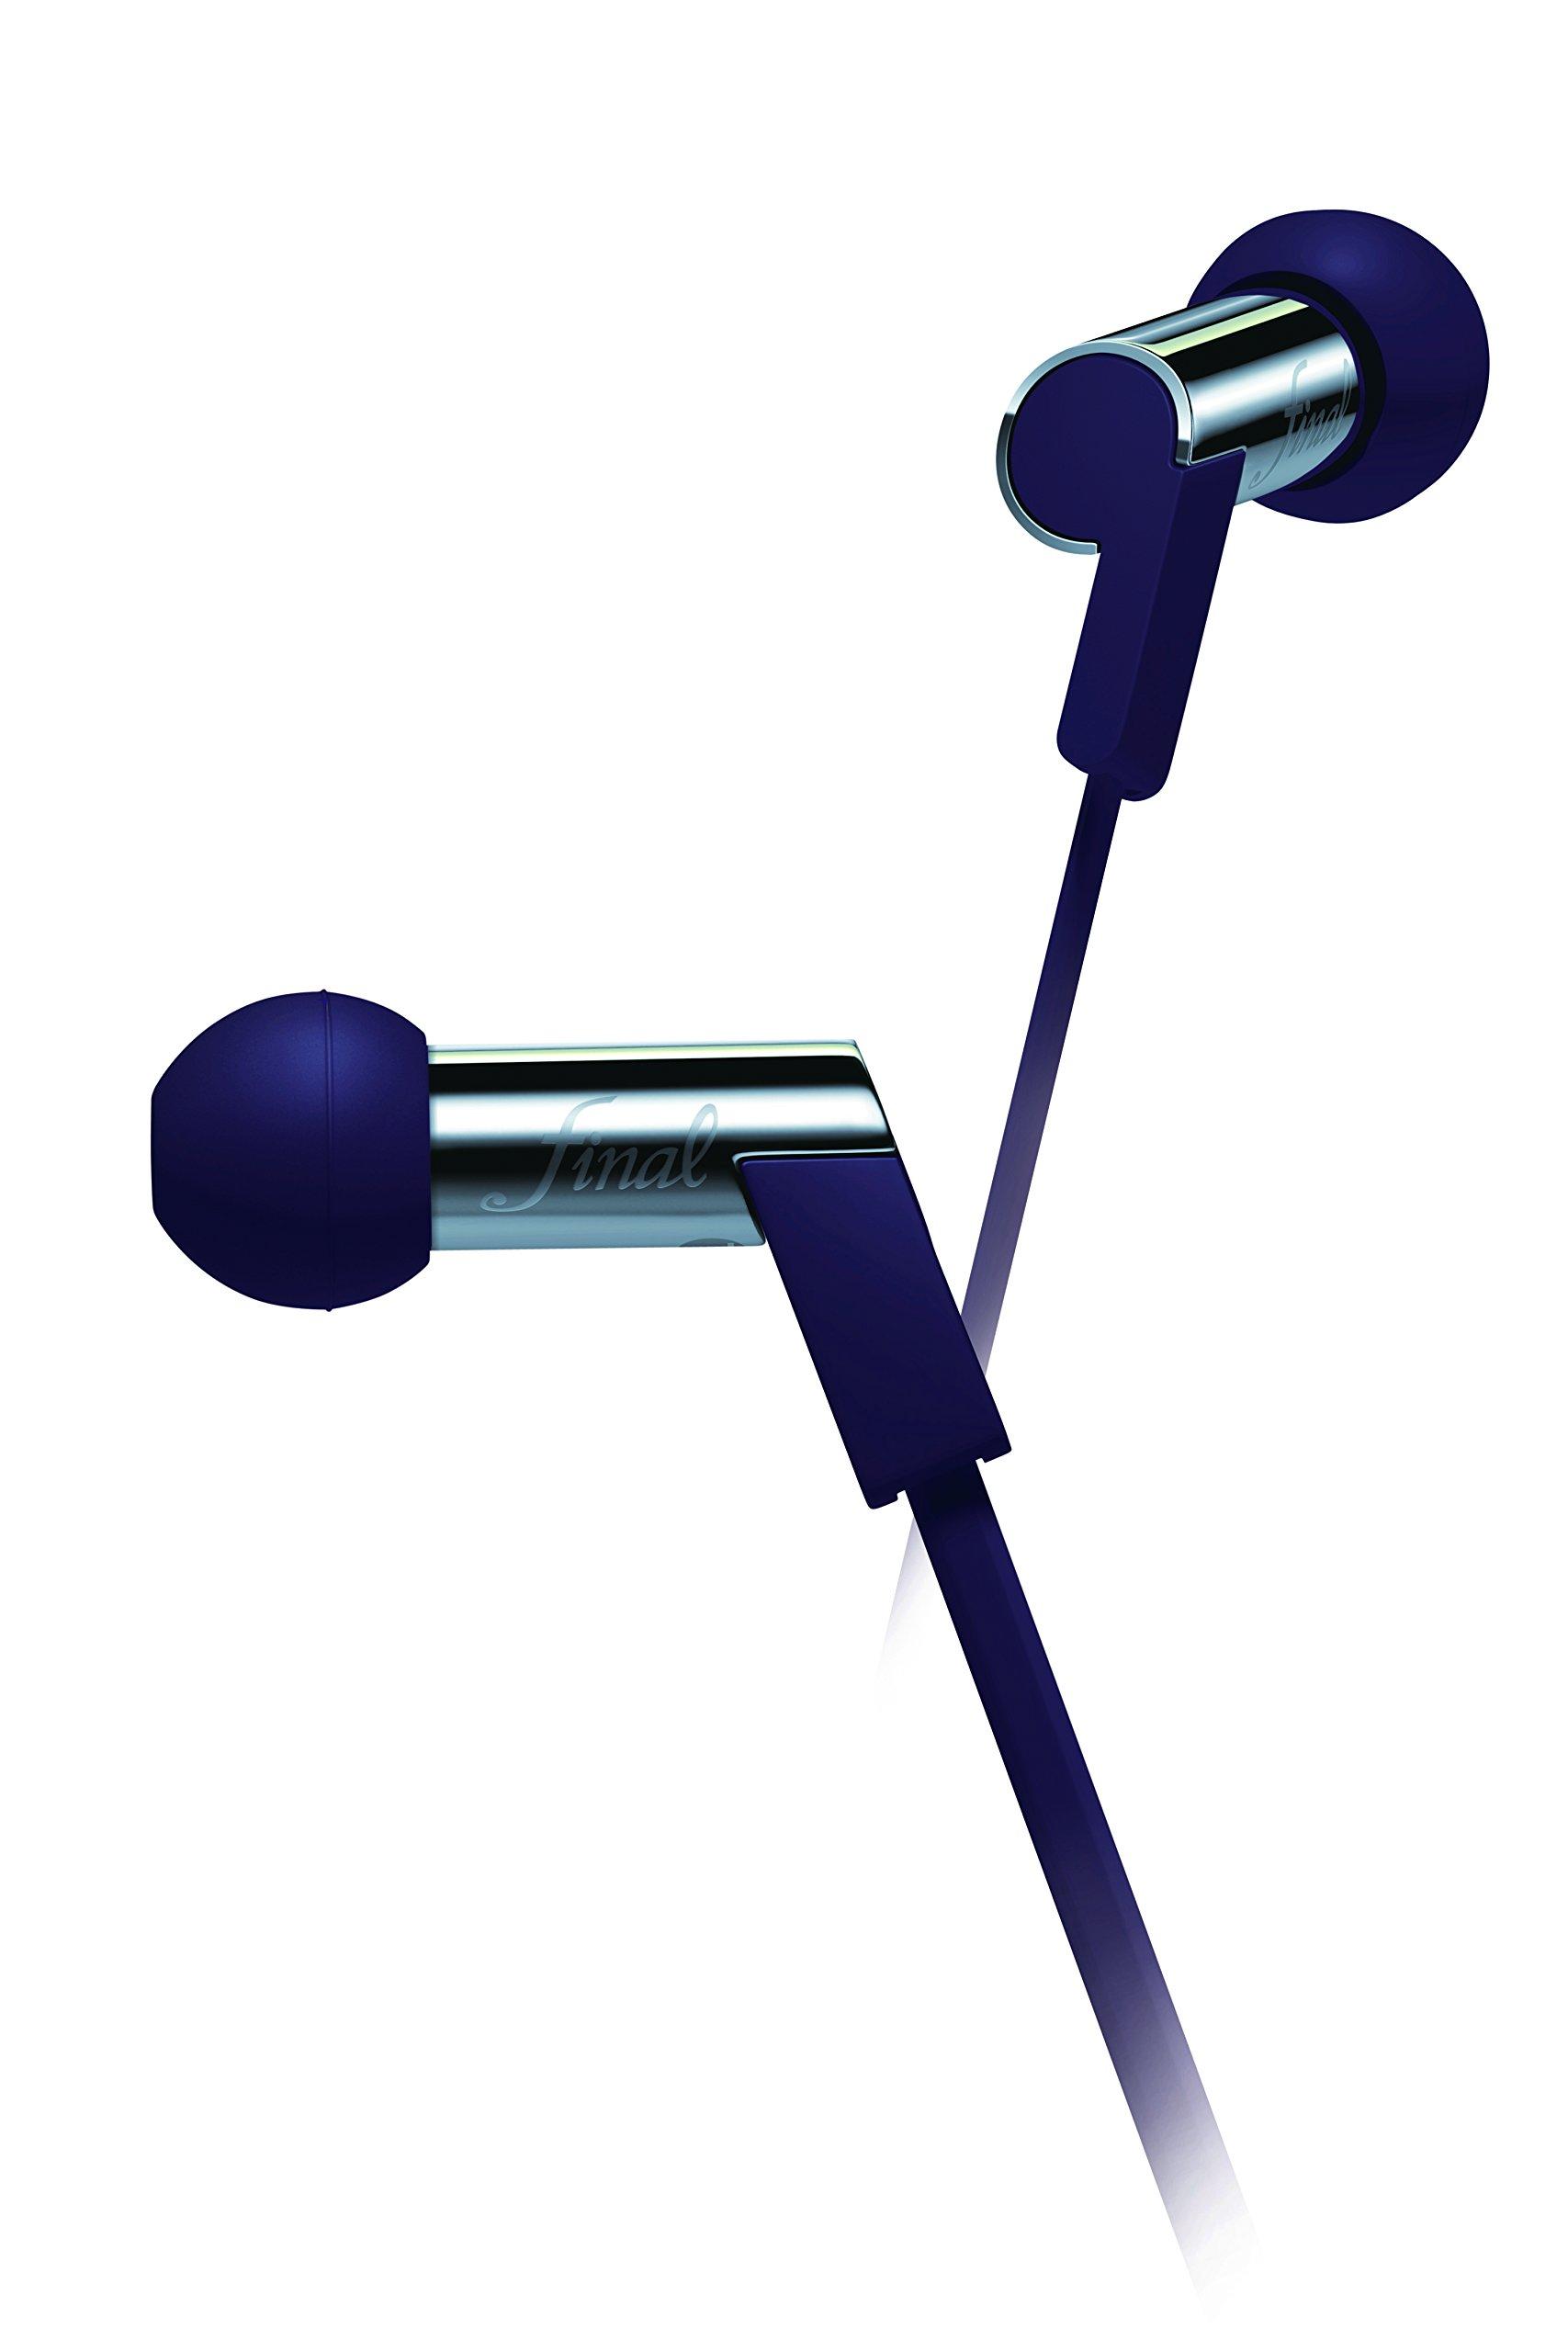 Final Audio Design Heaven IV Earphones - Violet